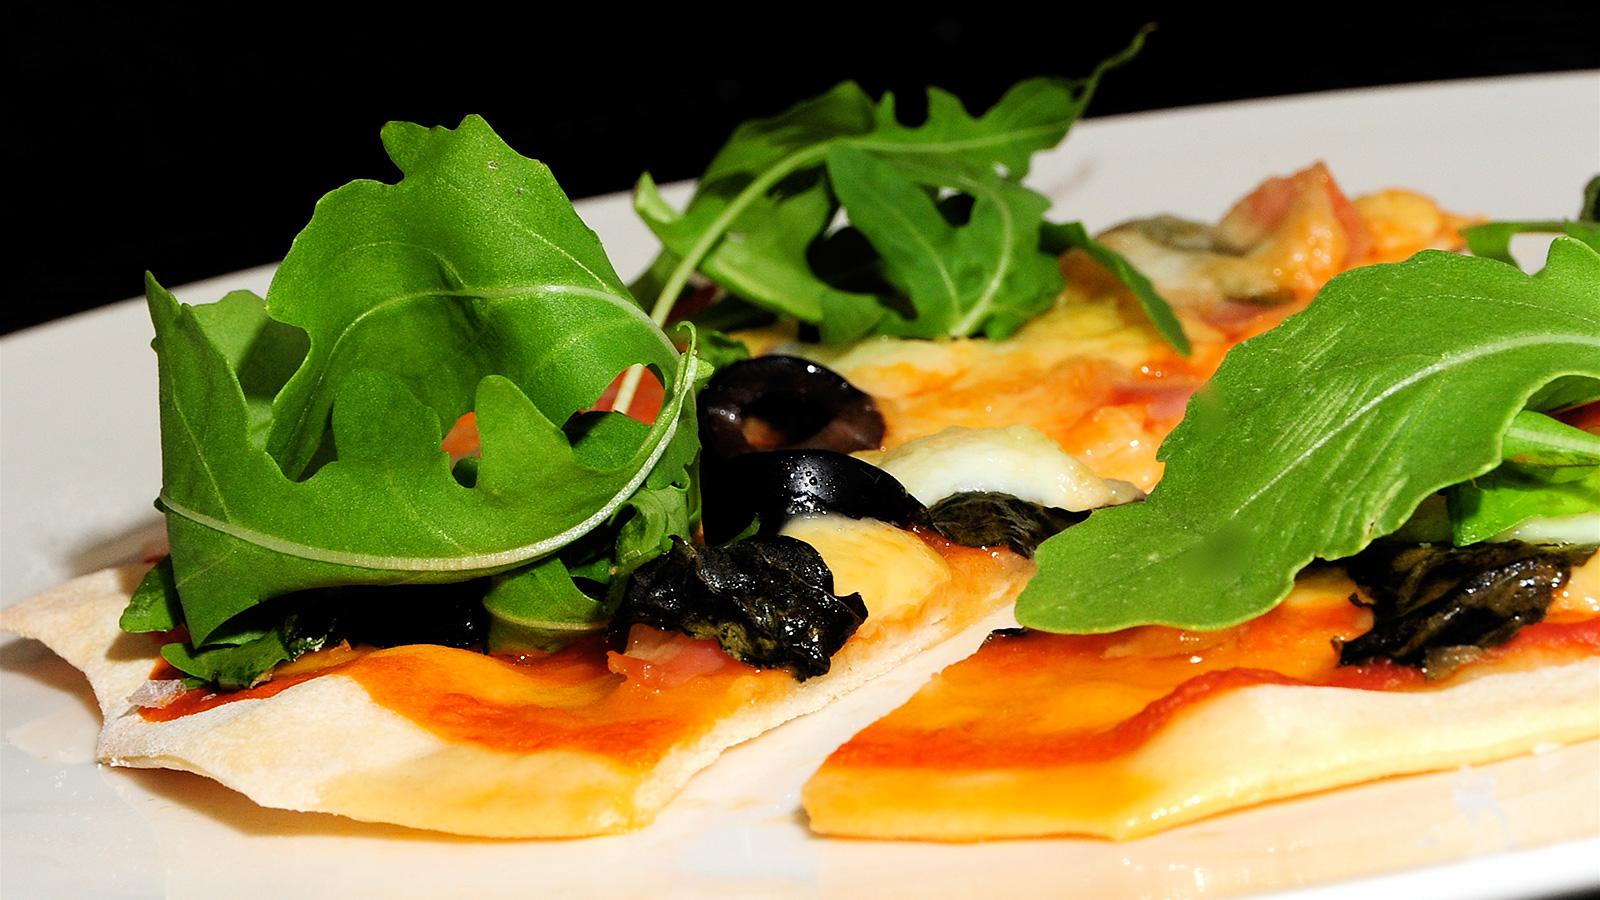 Pizza casera dar o barrio receta canal cocina - Cocina y cia ...